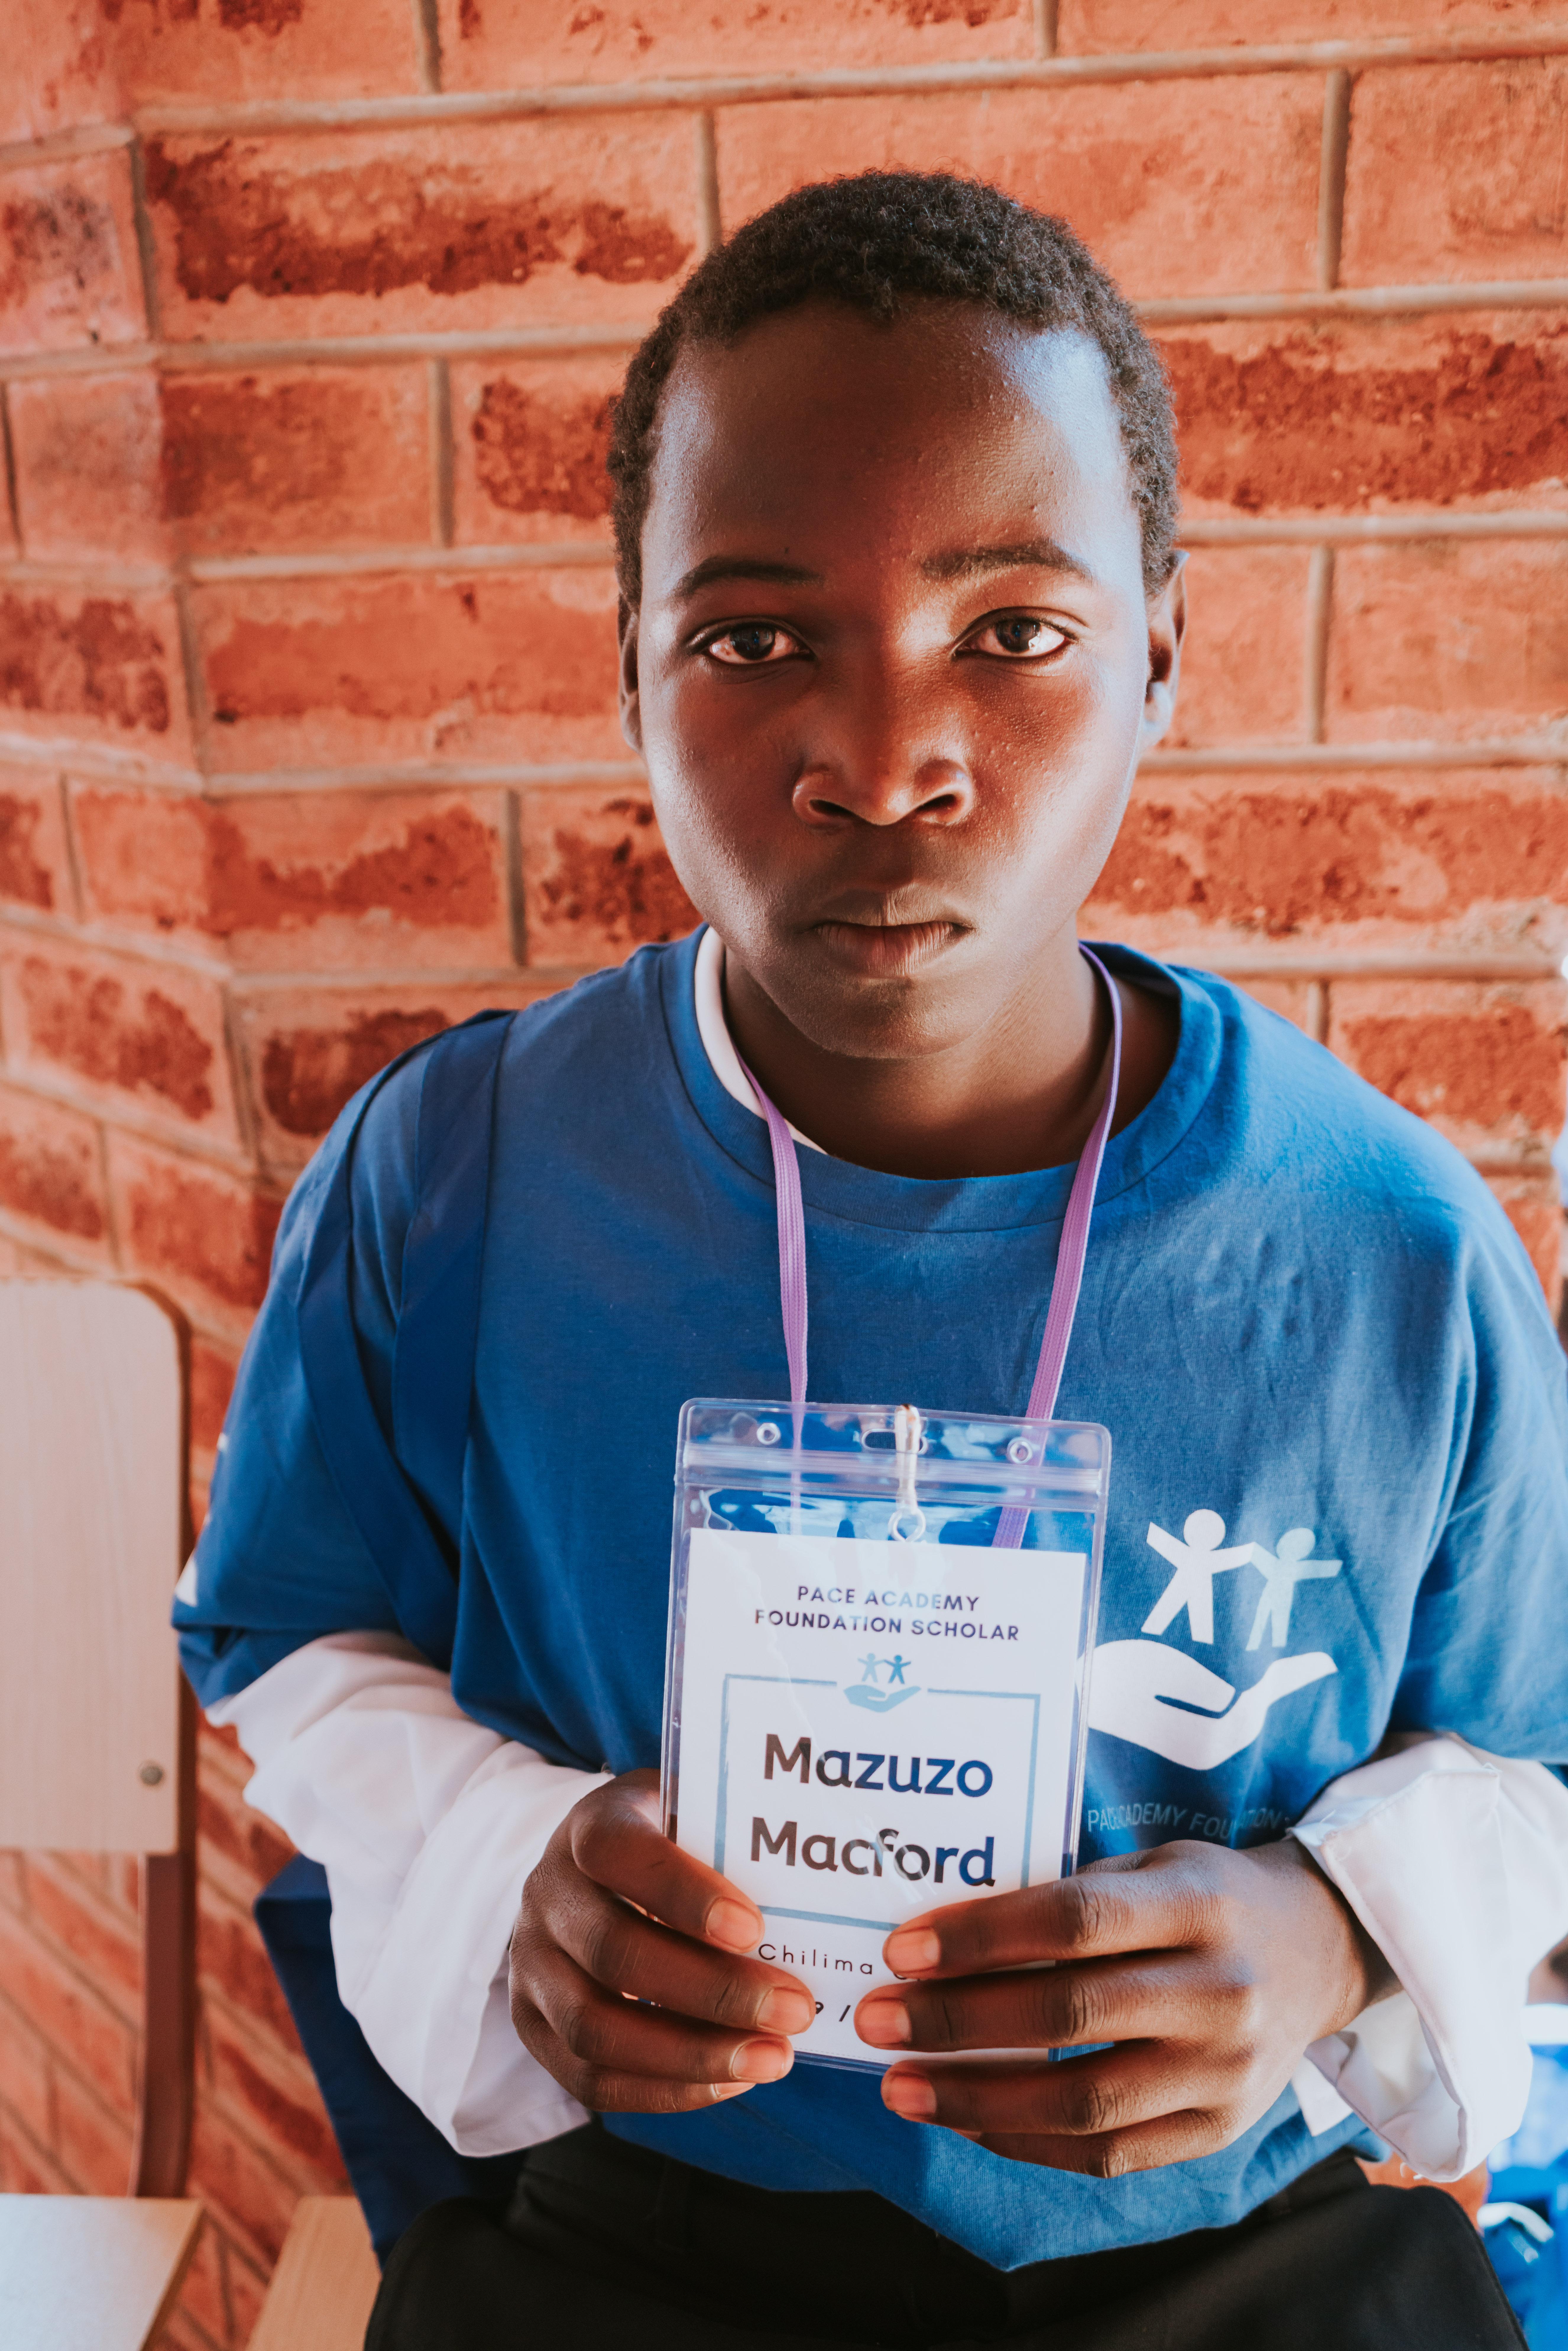 Mazuzo Macford (Chilima CDSS)